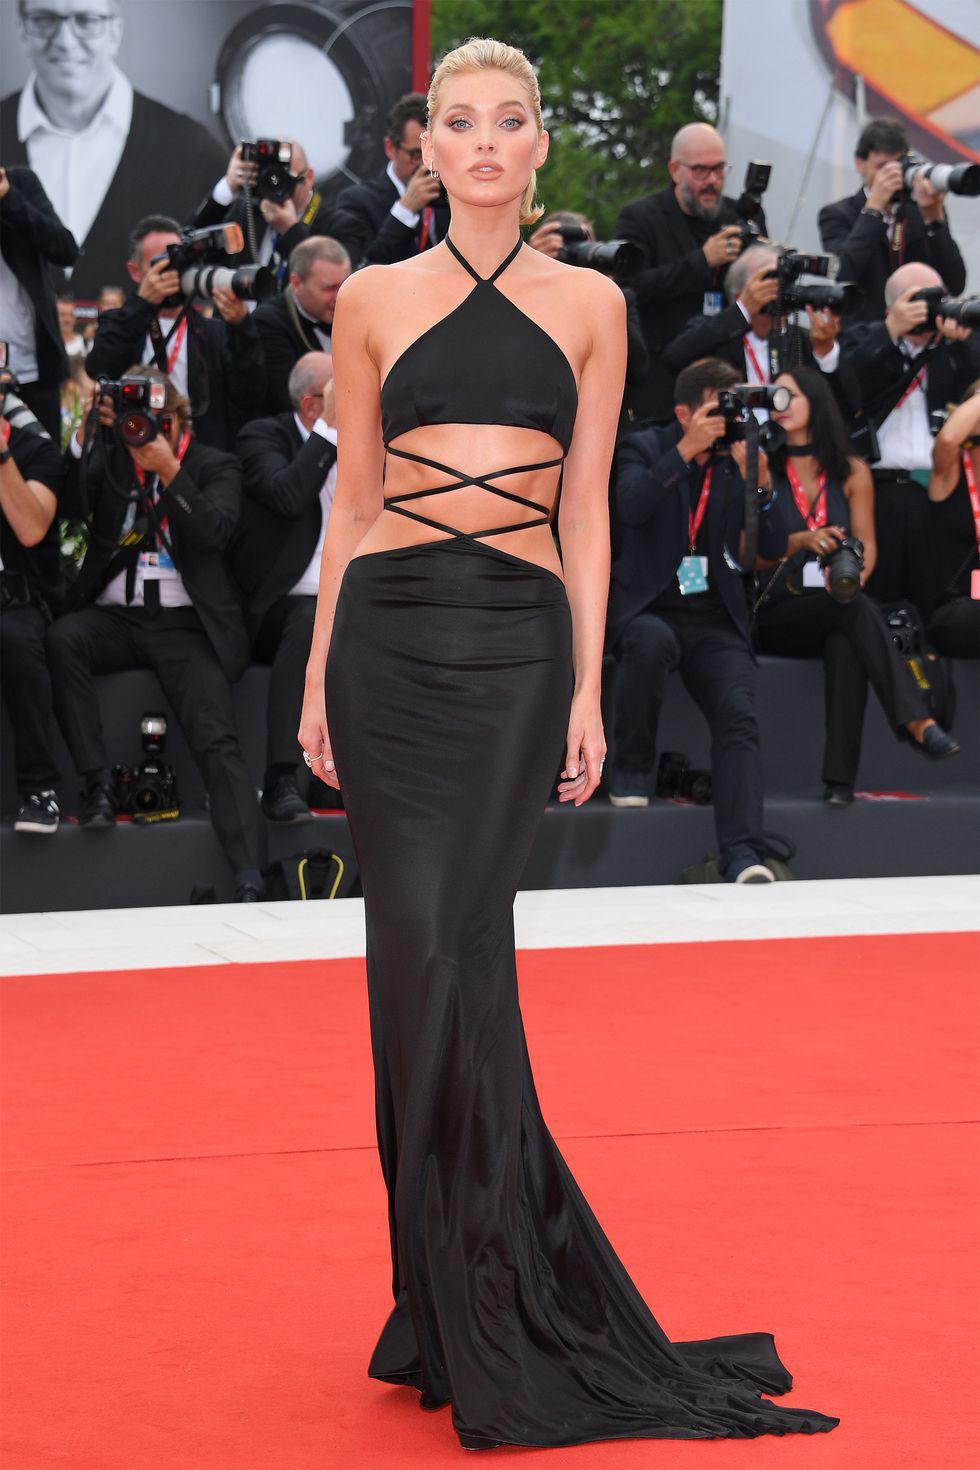 Harpers Bazaar, Vogue... bình chọn những bộ cánh đẹp nhất thảm đỏ Venice - Ảnh 9.